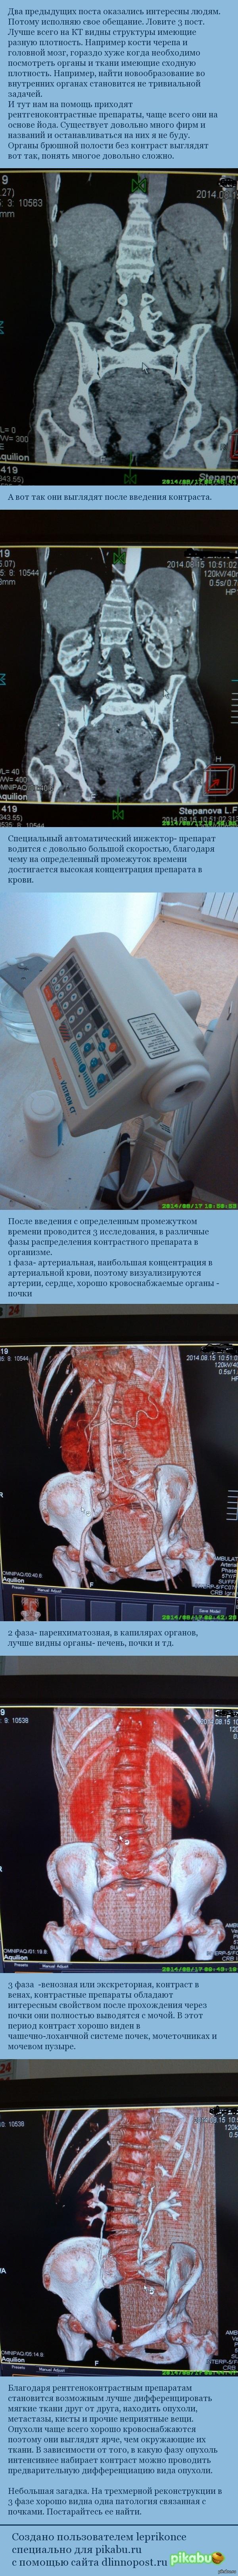 Контрастные препараты в компьютерной томографии Третий постврача-рентгенолога районной больницы.